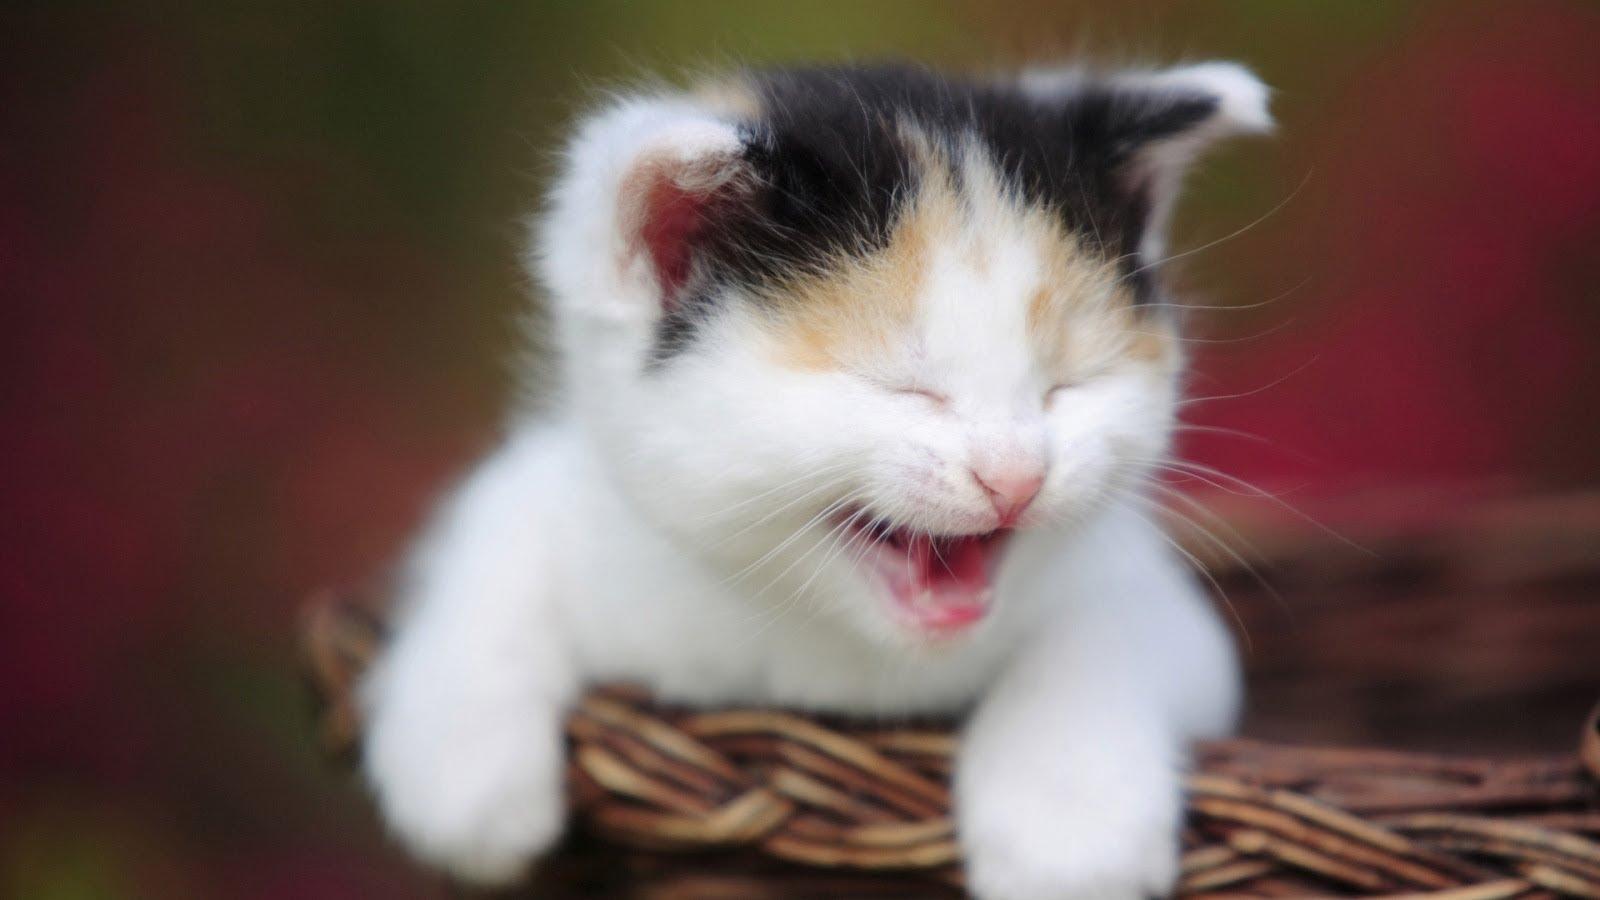 صور اجمل صور قطط , ارق واجمل صور قطط